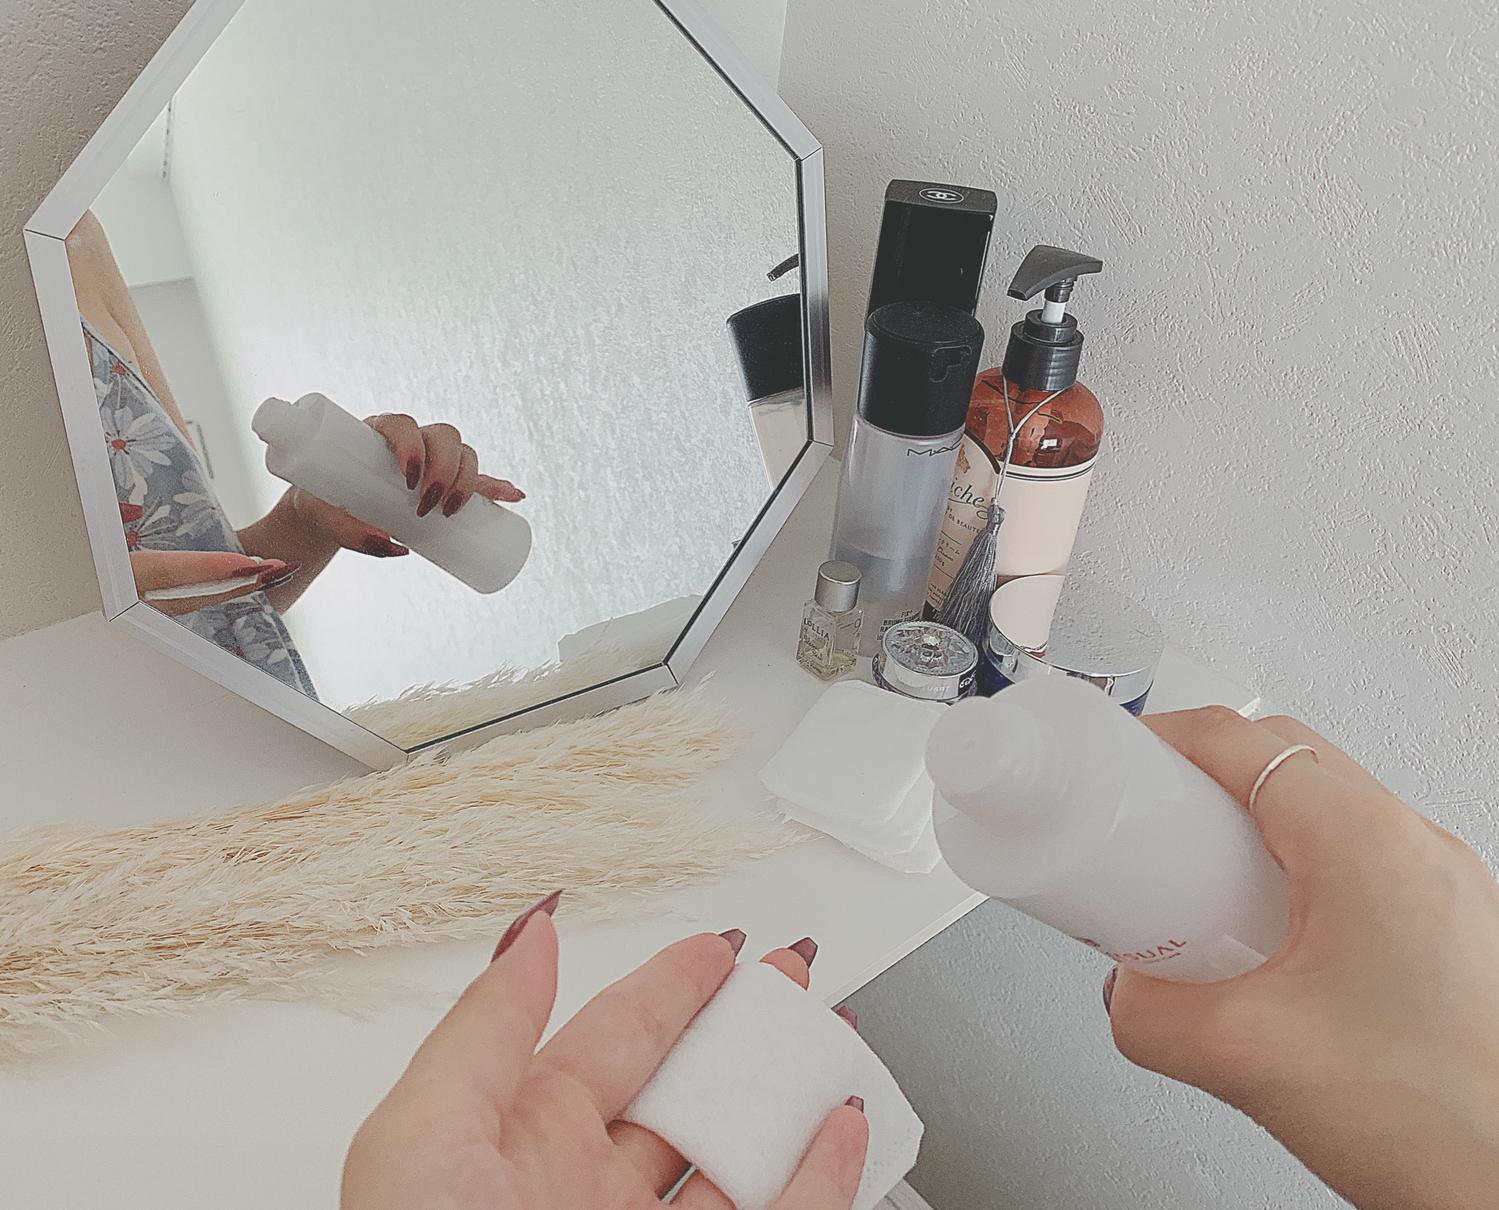 乳液をつける女性